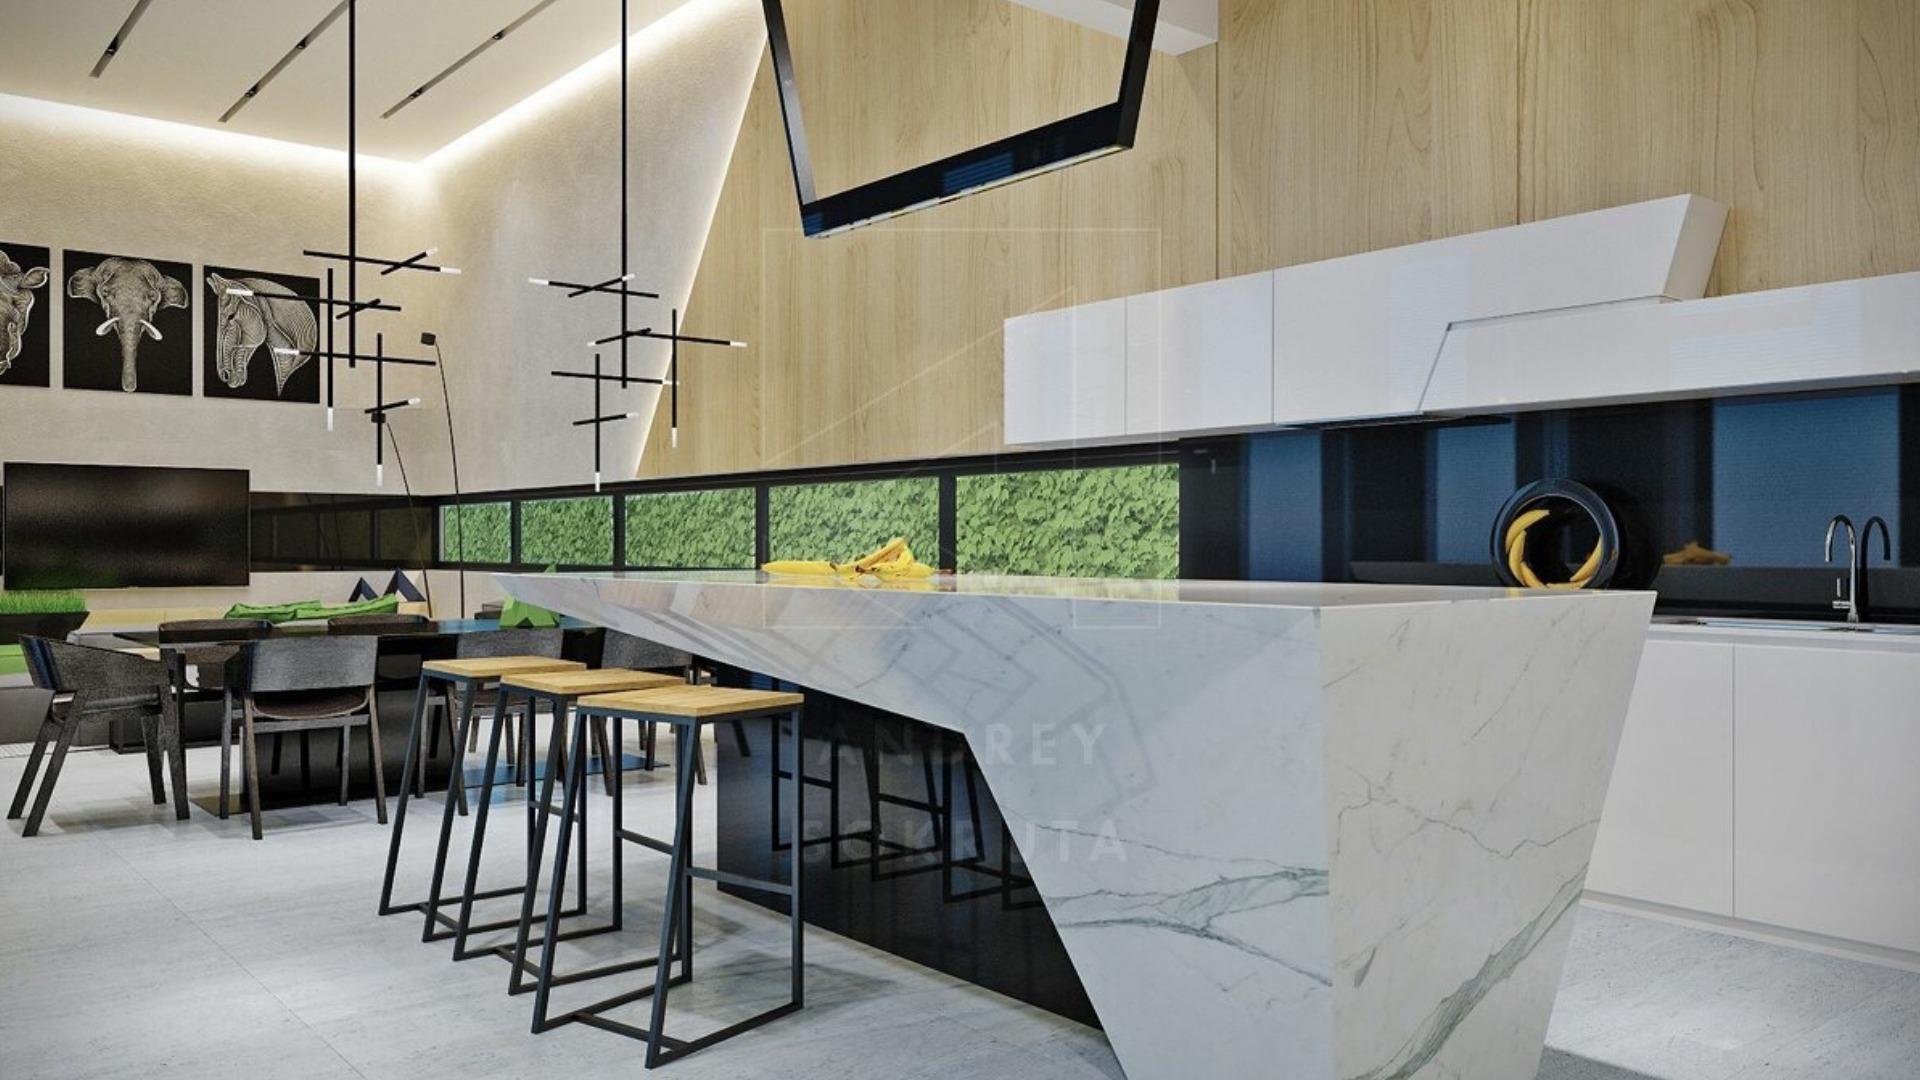 Оформление баров и кафе: в тренде промышленная эстетика!